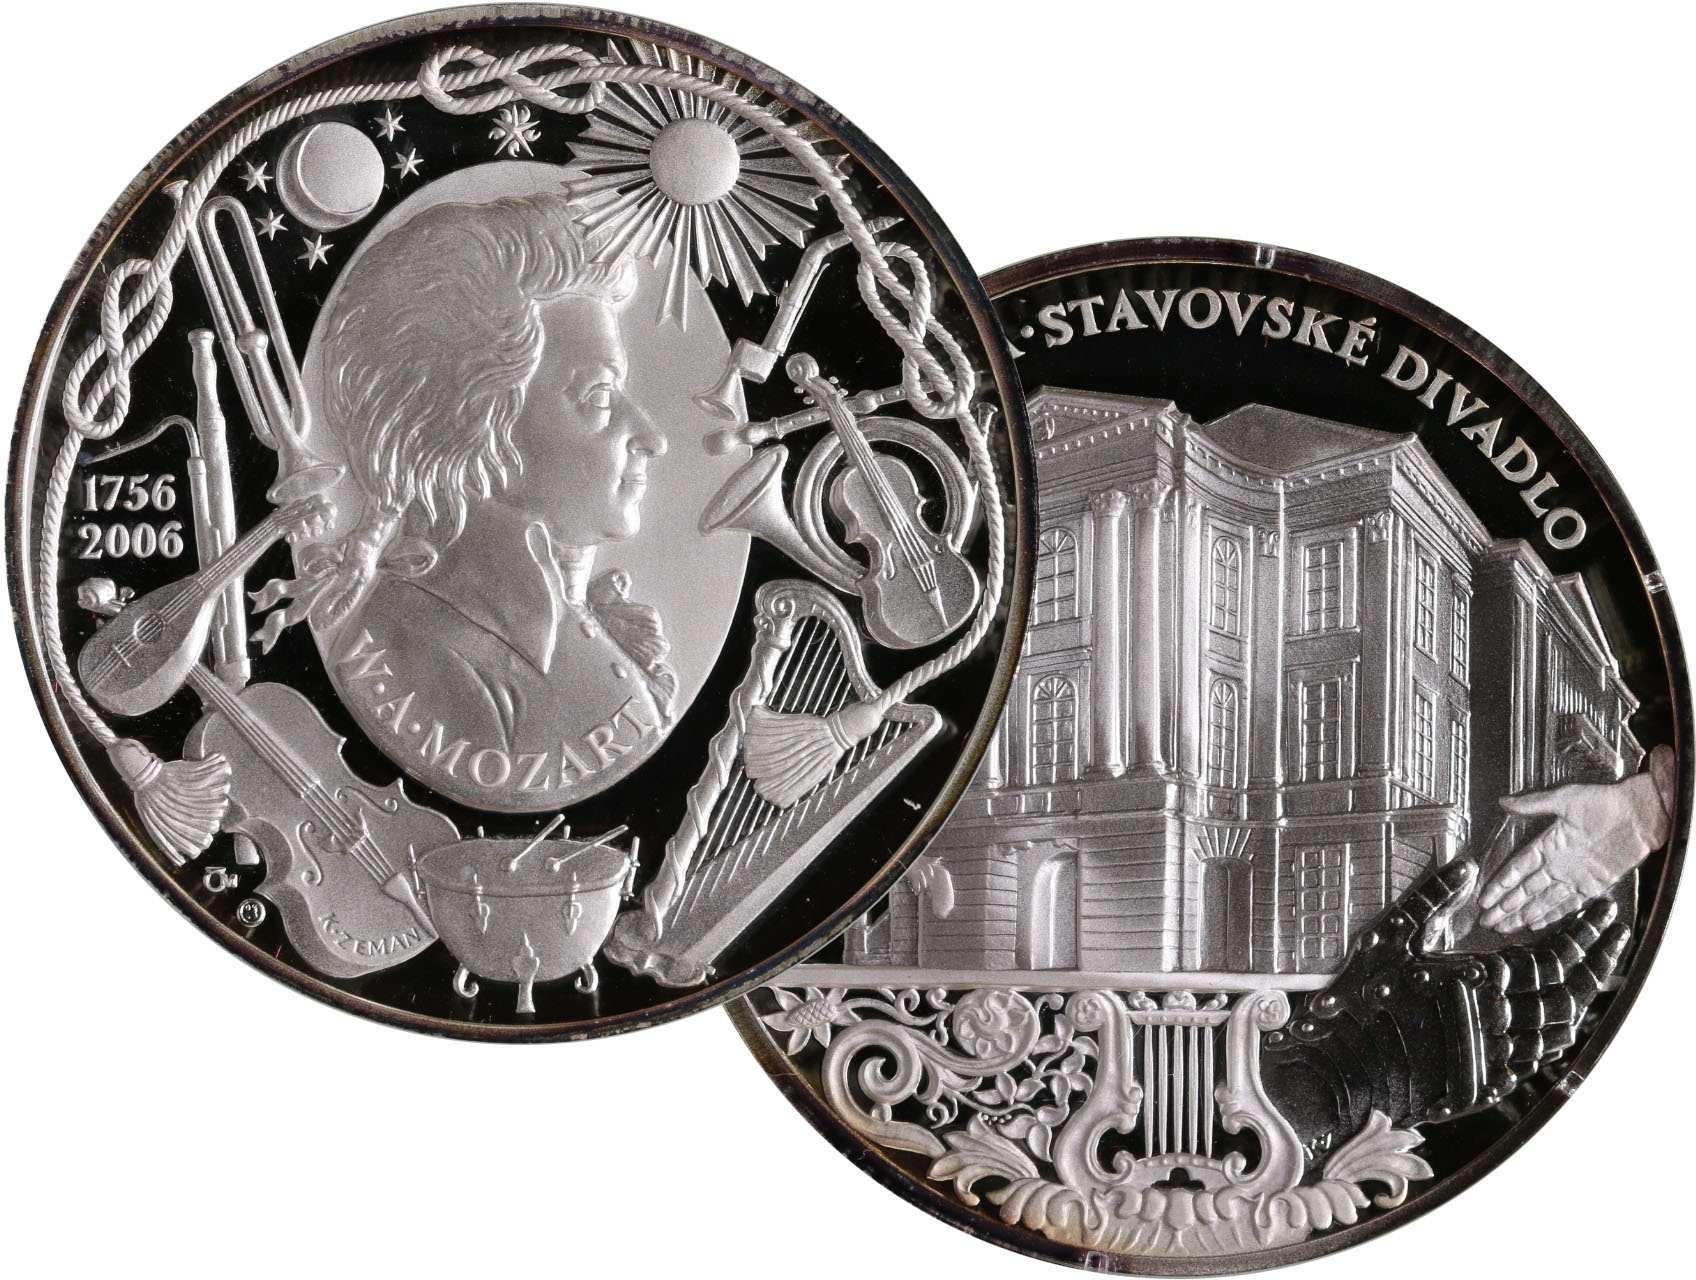 Zeman Karel 1949 - AR medaile 2006 k 250. výročí narození W. A. Mozarta. Portrét zlprava v oválu, kolem zednářské a hudební symboly / průčelí Stavovského divadla, opis. Ag 999, 42 g., 50 mm